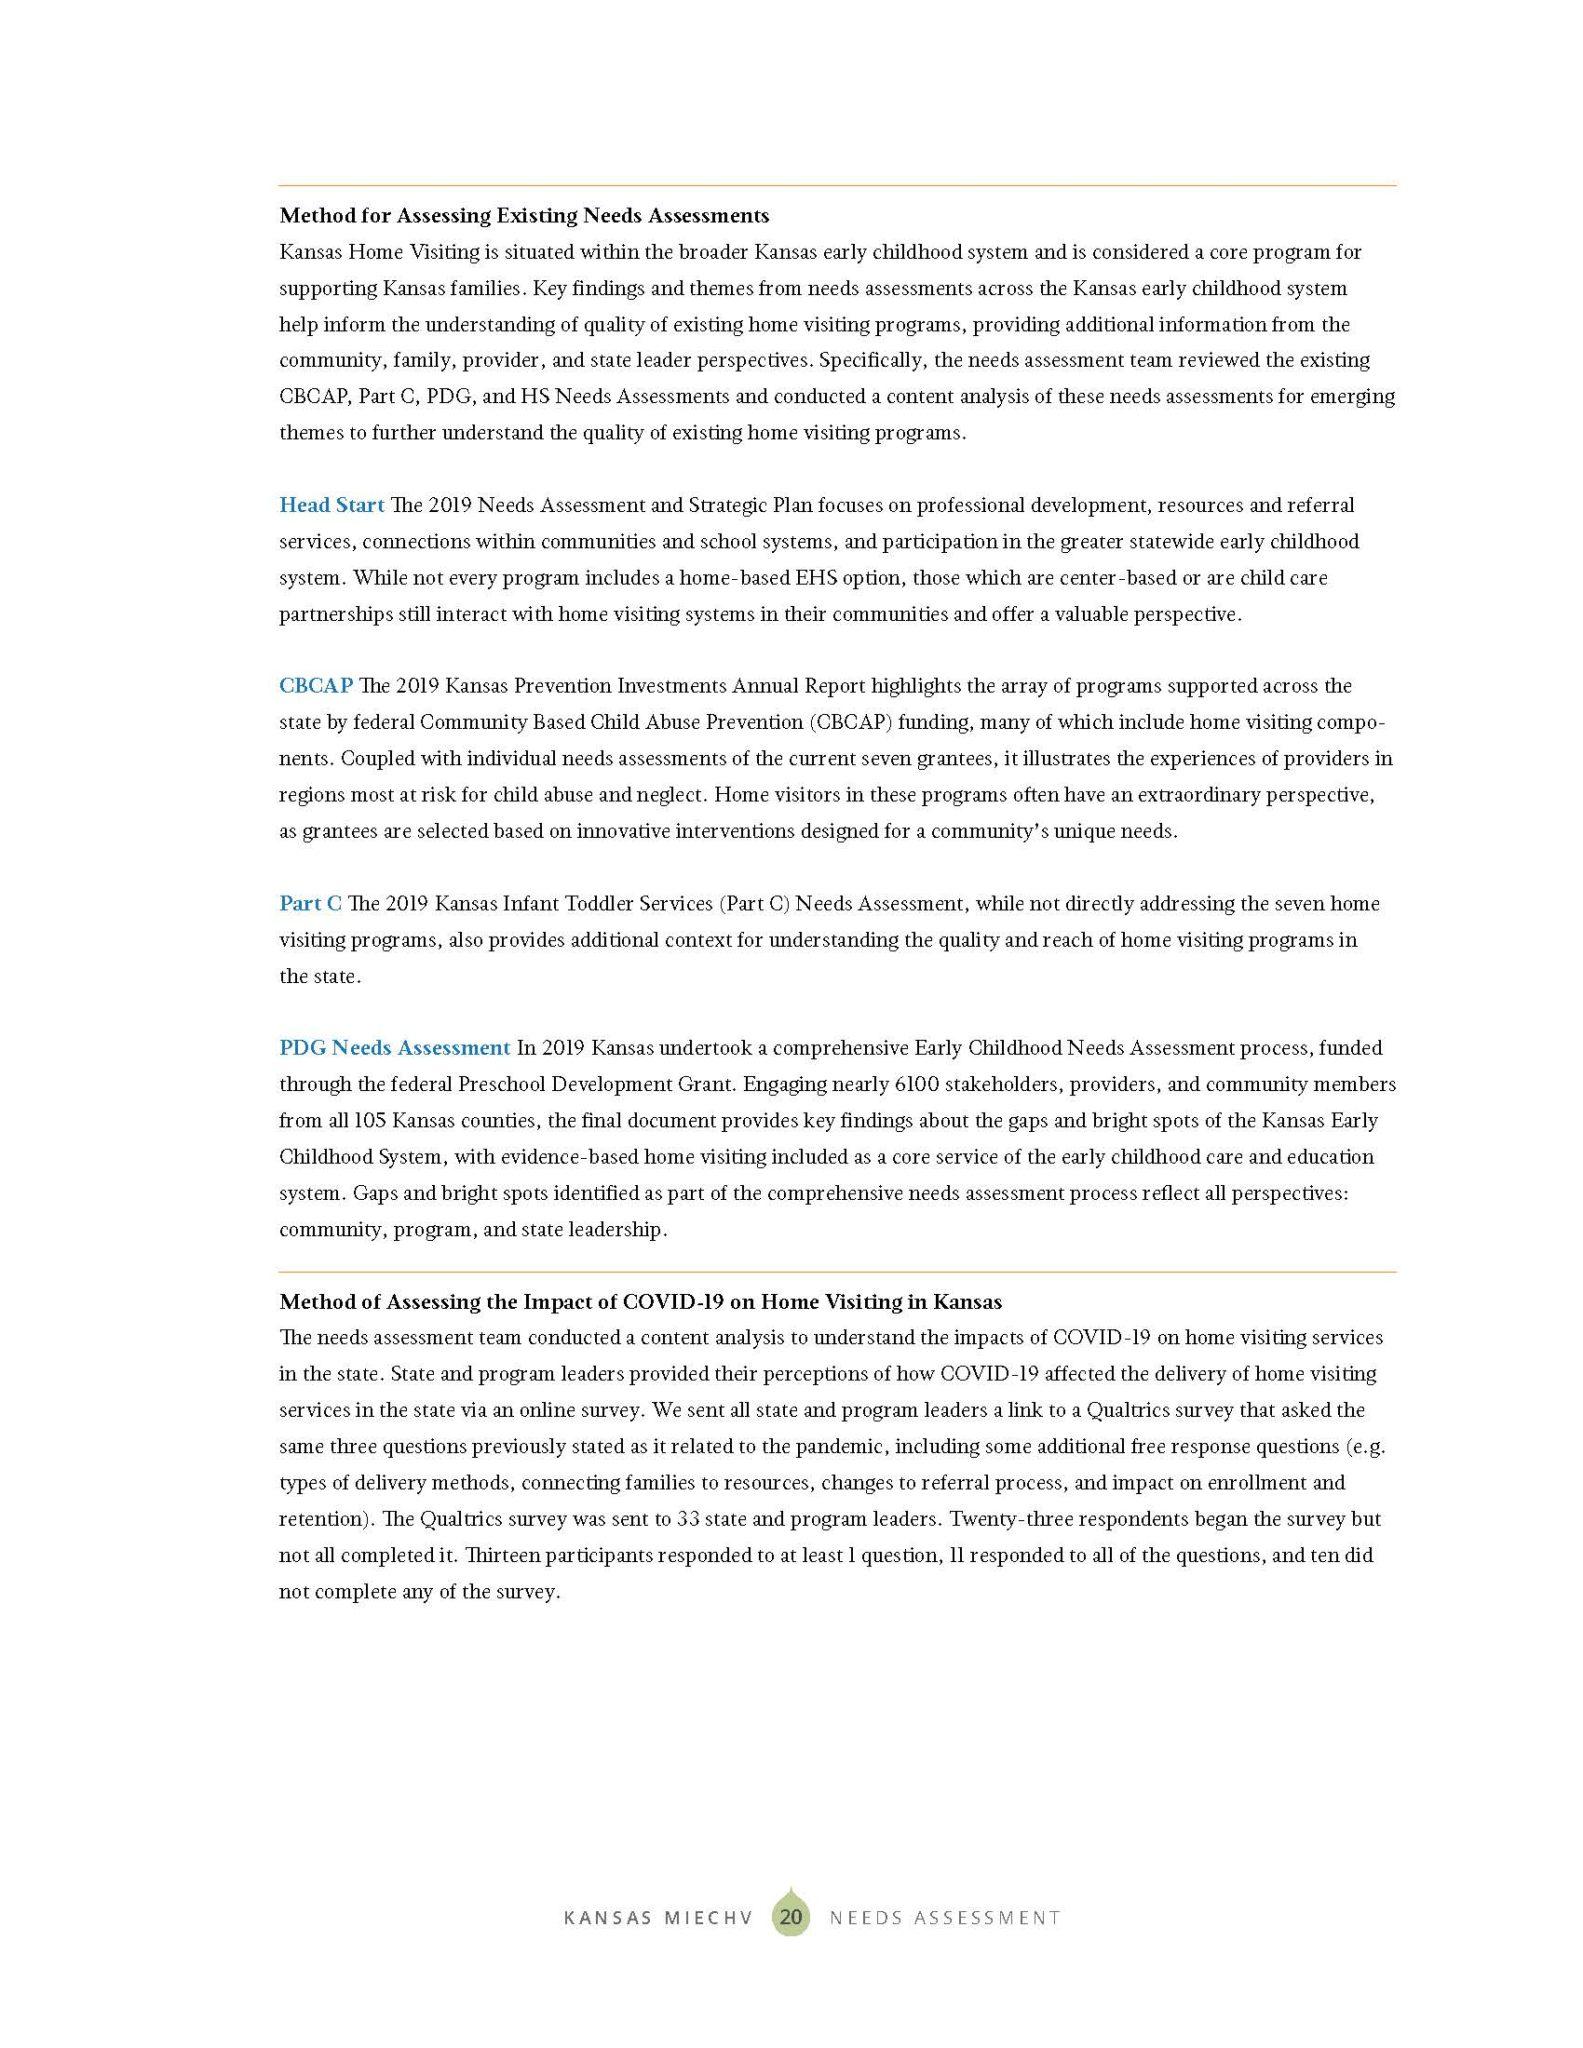 KS MIECHV 2020 Needs Assessment_DIGITAL_Page_028